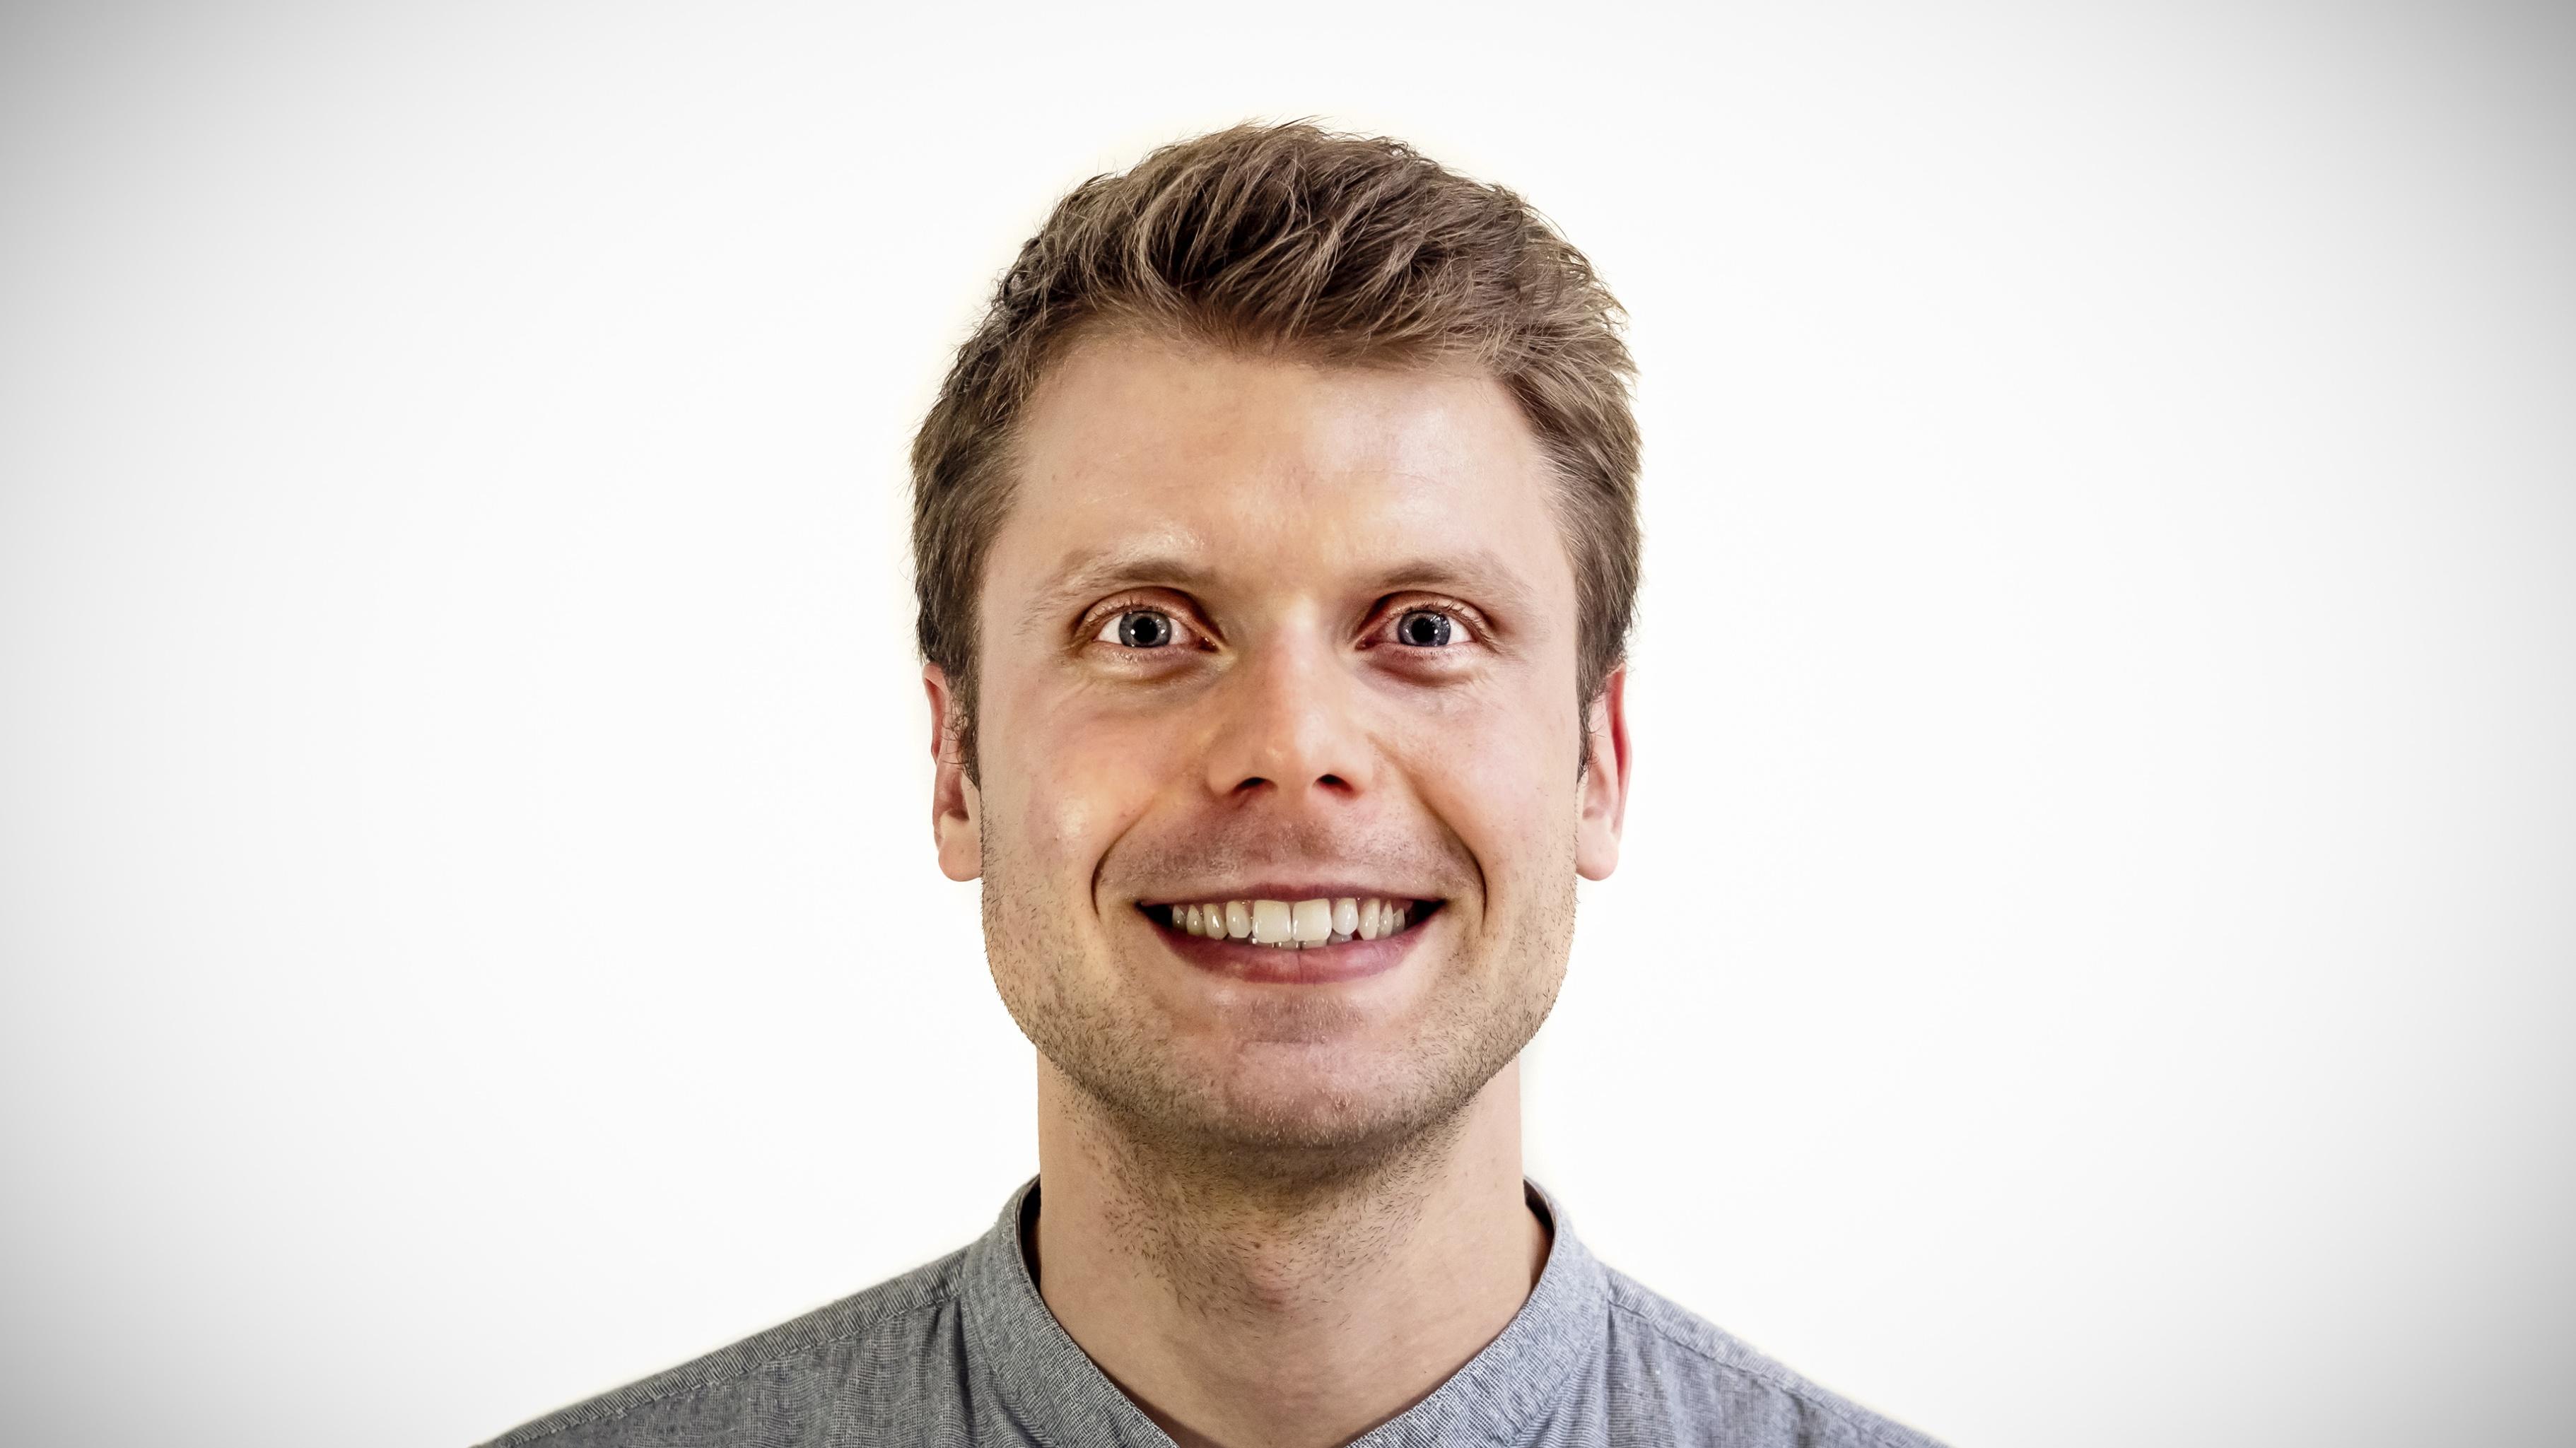 Philip Meier